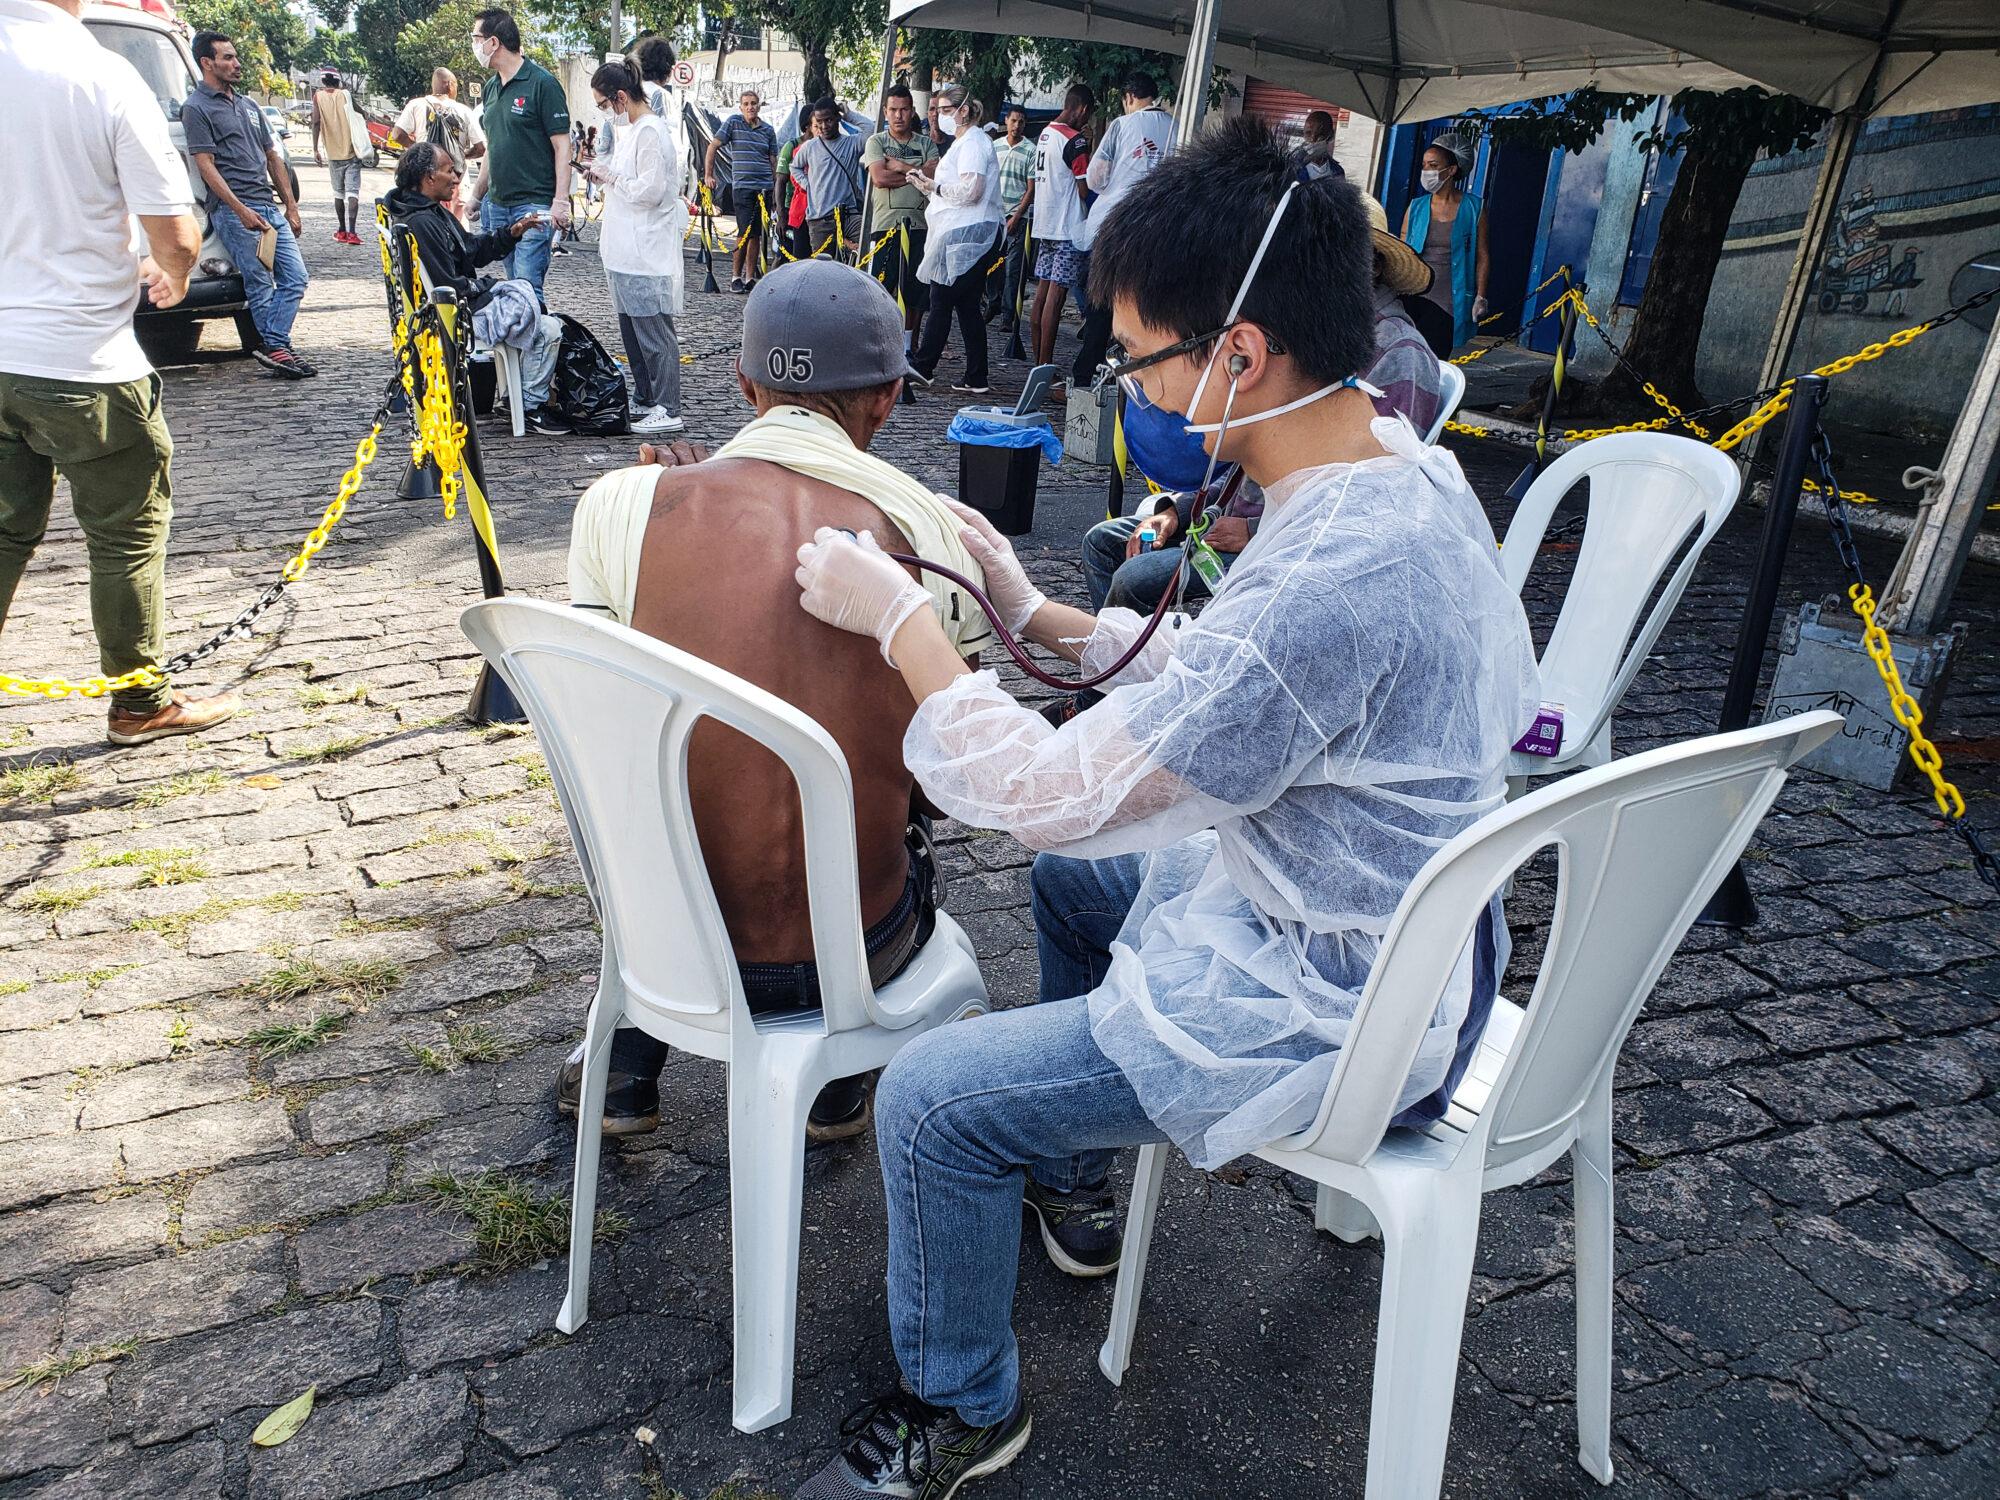 Læger uden Grænser (MSF) undersøger hjemløse i Brasilien for coronavirus (COVID-19)